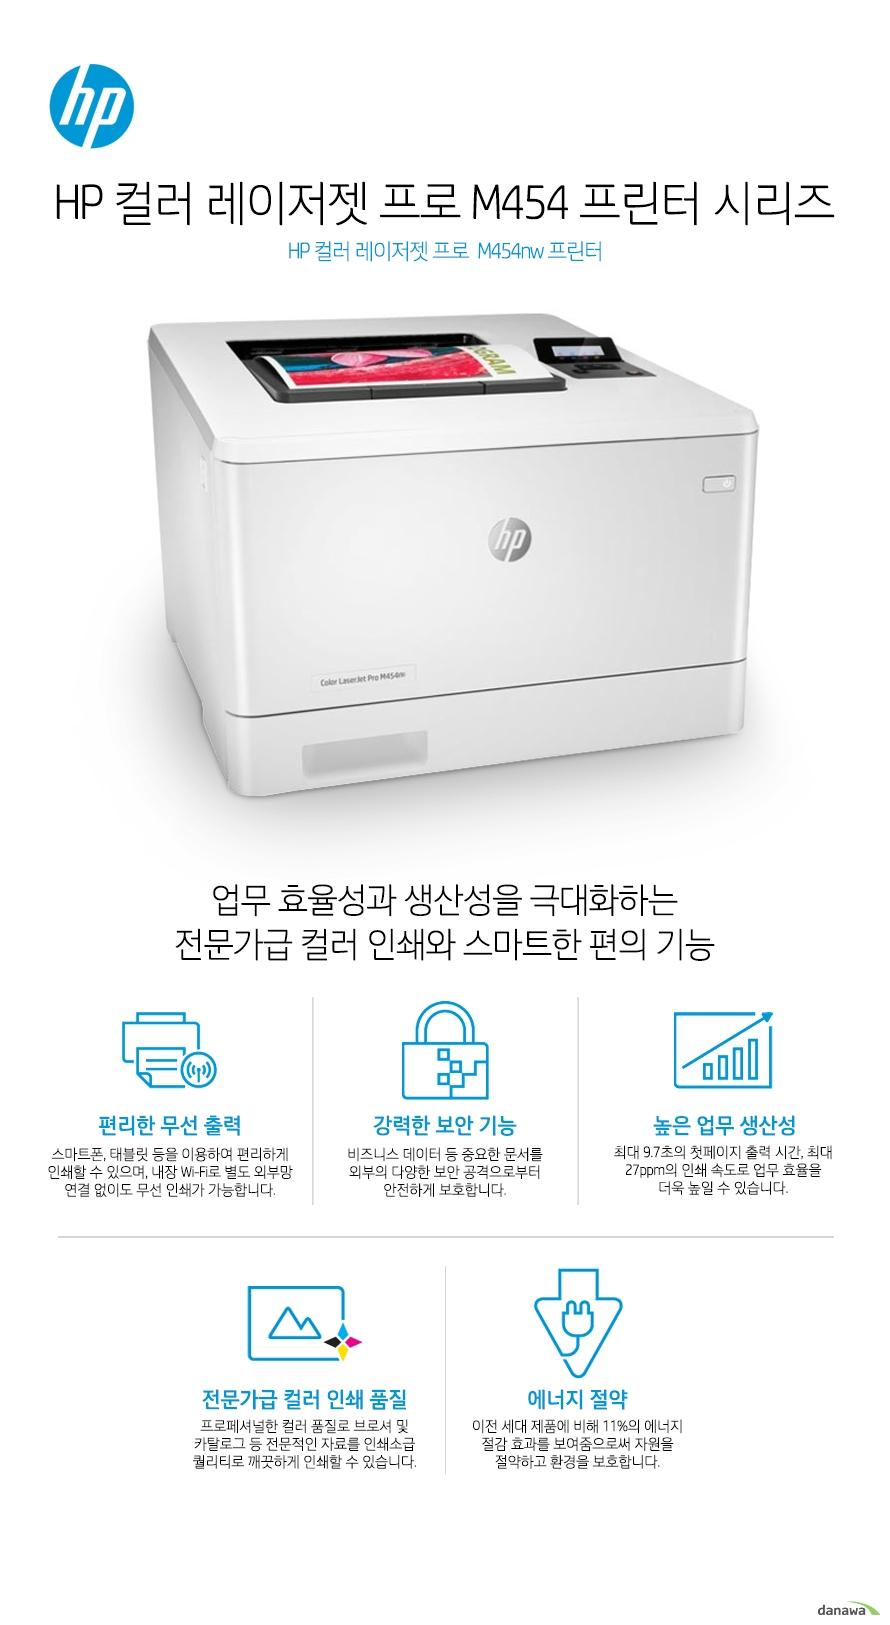 HP 컬러 레이저젯 프로  M454nw 프린터업무 효율성과 생산성을 극대화하는전문가급 컬러 인쇄와 스마트한 편의 기능편리한 무선 출력스마트폰, 태블릿 등을 이용하여 편리하게 인쇄할 수 있으며, 내장 Wi-Fi로 별도 외부망 연결 없이도 무선 인쇄가 가능합니다. 강력한 보안 기능비즈니스 데이터 등 중요한 문서를 외부의 다양한 보안 공격으로부터 안전하게 보호합니다.높은 업무 생산성최대 9.7초의 첫페이지 출력 시간, 최대 27ppm의 인쇄 속도로 업무 효율을 더욱 높일 수 있습니다.전문가급 컬러 인쇄 품질프로페셔널한 컬러 품질로 브로셔 및 카탈로그 등 전문적인 자료를 인쇄소급 퀄리티로 깨끗하게 인쇄할 수 있습니다.에너지 절약이전 세대 제품에 비해 11%의 에너지 절감 효과를 보여줌으로써 자원을 절약하고 환경을 보호합니다.무선으로 인쇄하는 스마트한 방법무선 연결로 인해 사용자의 인쇄 업무는 놀라울 정도로 편리해집니다.스마트폰, 태블릿 등으로 선 연결 없이 프린터를 사용할 수 있으며, 복잡하고 번거로웠던 인쇄 업무가 간편하게 완료 됩니다.Wi-Fi 다이렉트 프린팅자체 내장된 Wi-Fi로 별도 외부망 연결 없이 편리한 무선 연결 인쇄를 경험해보세요. 스마트폰과 태블릿은 물론, PC 및 노트북 등을 별도의 네트워크나 라우터 연결 없이 HP 제품에 곧바로 무선 연결하여 편리하게 사용할 수 있습니다.모바일 프린팅스마트폰, 태블릿으로 간편한 인쇄하세요.시간과 장소의 제약 없이 언제 어디서나 편리하게 원하는 문서를 인쇄할 수 있습니다. HP e프린트HP e프린트 전용 계정을 생성하고 편리한 인쇄를 시작하세요. 프린터에 지정된 고유의  이메일 주소로 이메일을 보내면 언제 어디서나 출력할 수 있습니다. 별도의 소프트웨어 설치가 필요 없어 사용이 매우 간편합니다.HP Smart 앱HP 프린터로 언제 어디서나 인쇄하고, 스캔하고, 공유하십시오! HP Smart로 그 어느 때보다 쉽게 인쇄하고 필요한 도구를 손 안에서 사용할 수 있습니다.Apple Air Print애플의 Air Print 기능으로 IOS 기기에서 편리하게 모바일 인쇄를 할 수 있습니다. PC를 가지고 있지 않을 때도 인터넷에 연결할 수 있다면 아이폰 등 IOS 모바일 기기를 이용하여 어디서나, 편리하게 인쇄 할 수 있습니다.구글 클라우드 프린트구글 클라우드 프린트는 별도의 드라이버 없이도 모바일 기기에서 워드 문서 및 웹 사이트 내용을 실시간으로 인쇄할 수 있는 모바일 프린팅 솔루션입니다. 스마트폰, 태블릿 뿐만 아니라 네트워크에 연결되어 있는 PC, 노트북 등을 통해 지메일이나 구글 문서도구와 같은 애플리케이션의 문서를 간편하게 인쇄할 수 있습니다. 최고 수준의 보안 기능HP 프린팅 보안 시스템은 실시간 위협 탐지는 물론 자동 모니터링 및 소프트웨어 검증을 통해 프린터를 넘어 당신의 네트워크까지 보호합니다.강력한 보안 기능과 실시간 위협 탐지기본으로 내장된 강력한 보안 기능이 부트 영역에서부터 펌웨어까지, 외부의 공격으로부터 안전하게 보호 합니다. 또한, 실시간으로 사이버 공격과 위협을 탐지하여 보안 문제가 발생할 경우 즉각적으로 알려주어 빠른 대처가 가능합니다. 통합 관리를 통해 더욱 효율적인 기기 운영하나의 드라이버로 모든 HP 디바이스를 관리하여 더욱 효율적인 업무가 가능해집니다. HP 젯어드밴테이지 시큐리티 매니저(옵션)를 이용하면, 여러대의 장비에 대한 보안 설정을 간편하게 일괄 설정, 변경하거나 자동으로 적용시킬 수 있습니다. PIN 인증중요 문서 및 기밀 문서를 인쇄할 때 보안이 걱정되셨다면,  보안(PIN) 프린팅 기능을 통해 기밀 문서를 보호하세요. 별도로 지정이 가능한 PIN 번호 인증으로 더욱 안전합니다.USB 메모리 하나로장비를 한단계 업그레이드 할 수 있습니다. '작업 저장' 기능이나 '보안(PIN) 프린팅'과 같은 유용한 기능은 하드디스크가 장착된 고가의 프린터에서만 사용이 가능하였습니다. HP 레이저젯 프로 제품은, 주변에서 흔히 볼 수 있는 16GB 이상의 USB 메모리를 프린터 뒷면 포트에 꽂으면 USB 메모리를 하드디스크처럼 인식하여 '보안